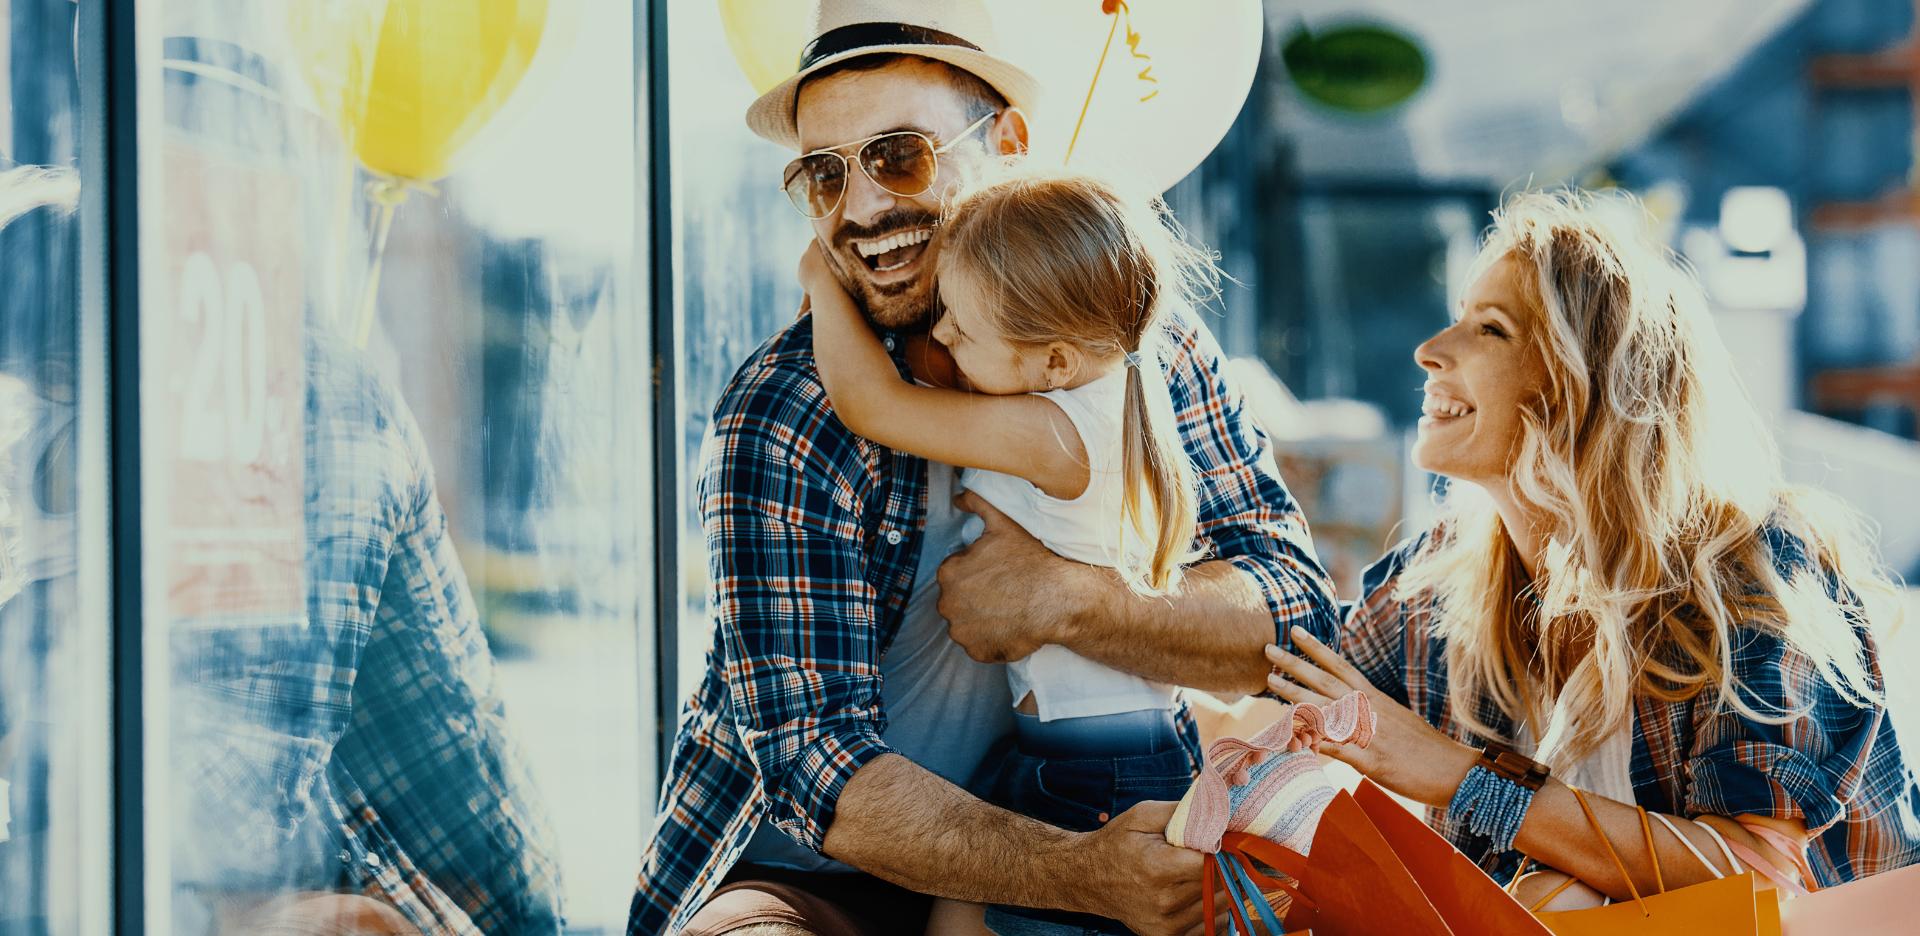 Happy shopping family